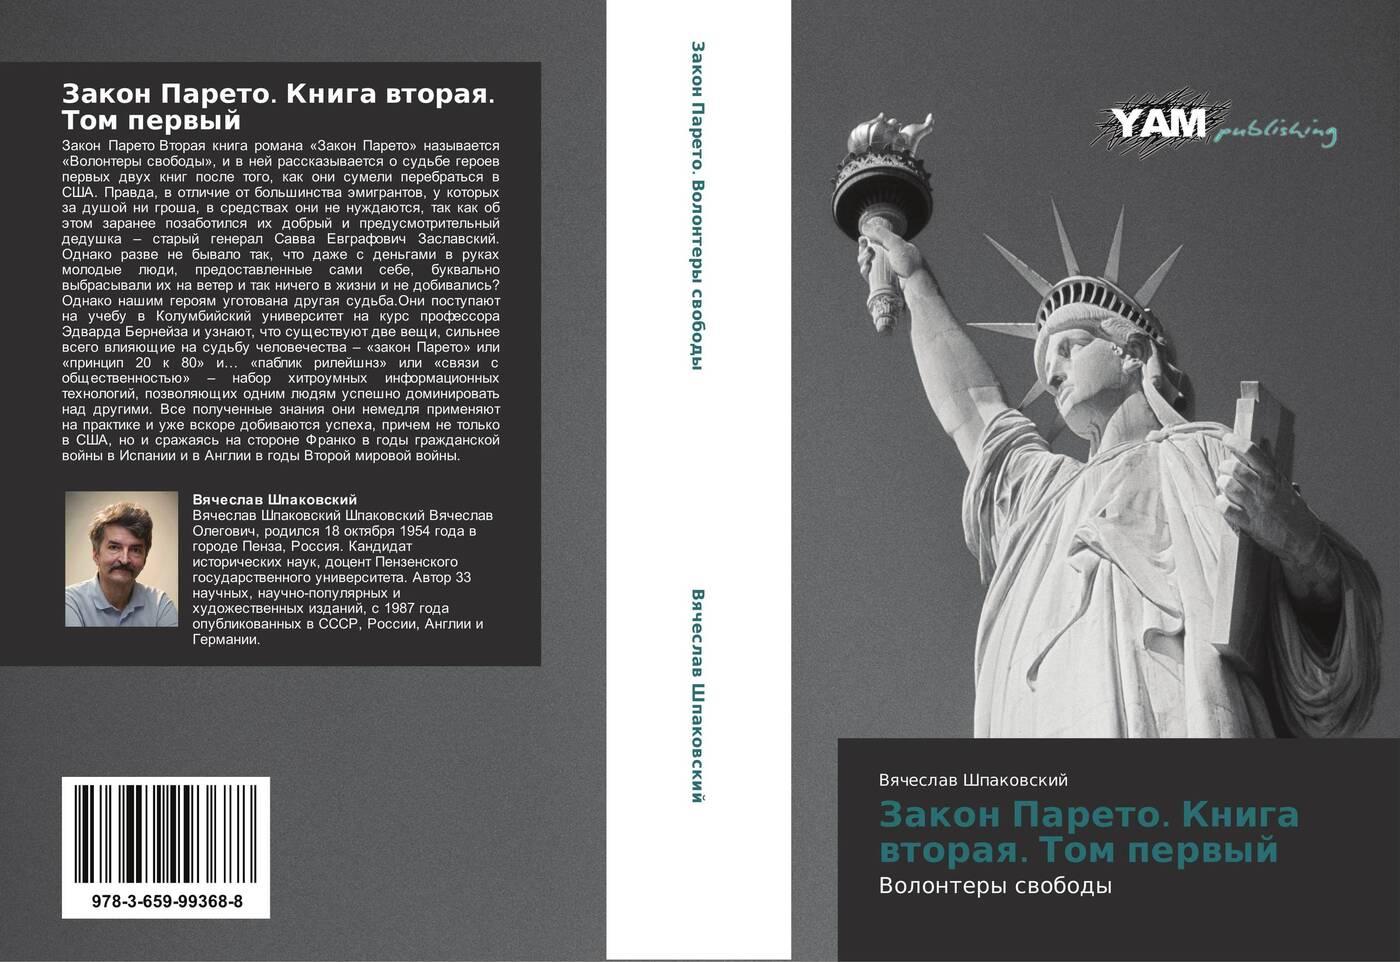 Вячеслав Шпаковский Закон Парето. Книга вторая. Том первый